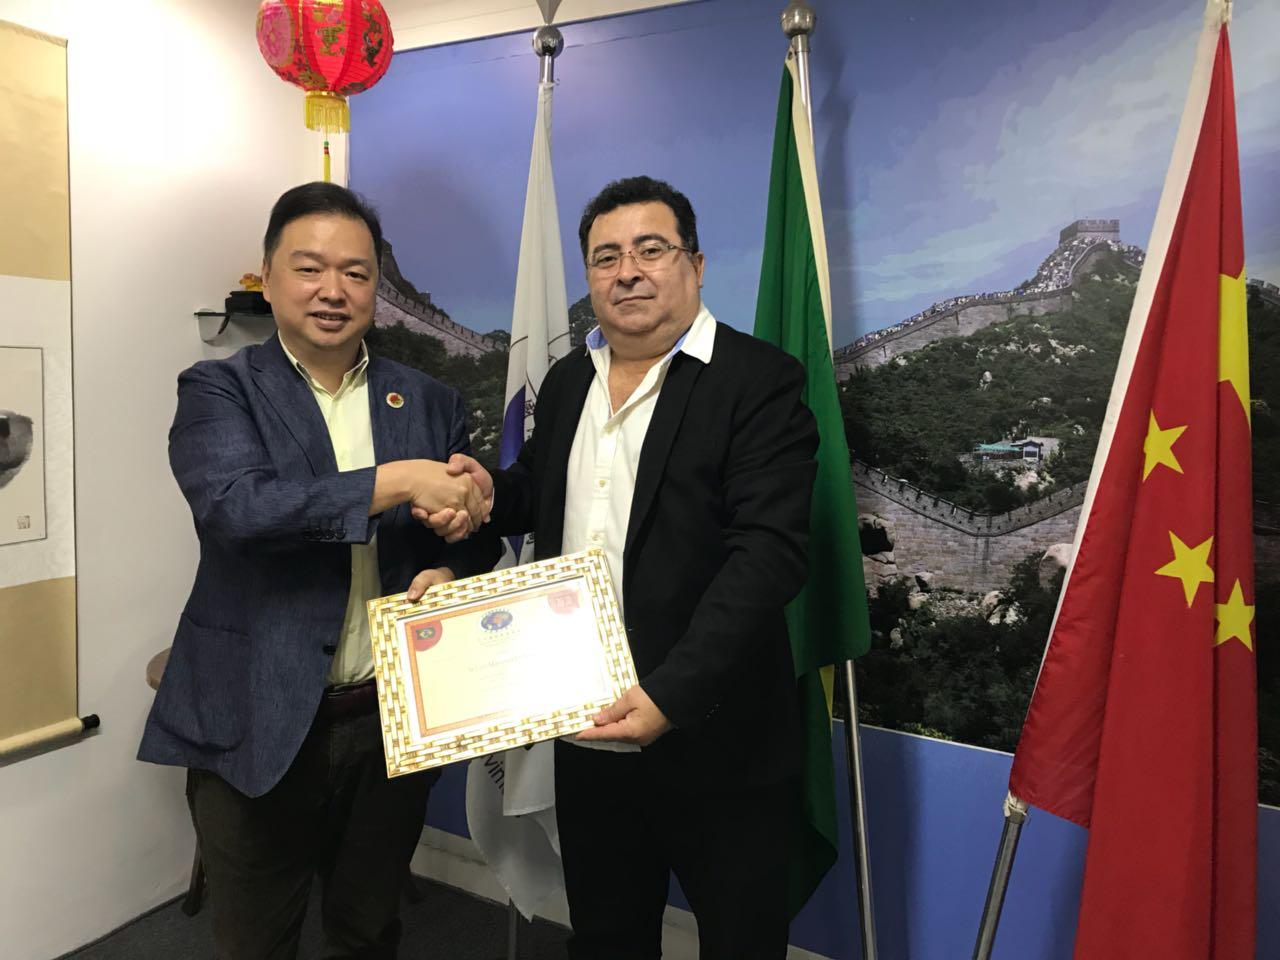 Empresário Levi Martins é nomeado vice-presidente da Câmara de comércio de desenvolvimento Internacional Brasil-China